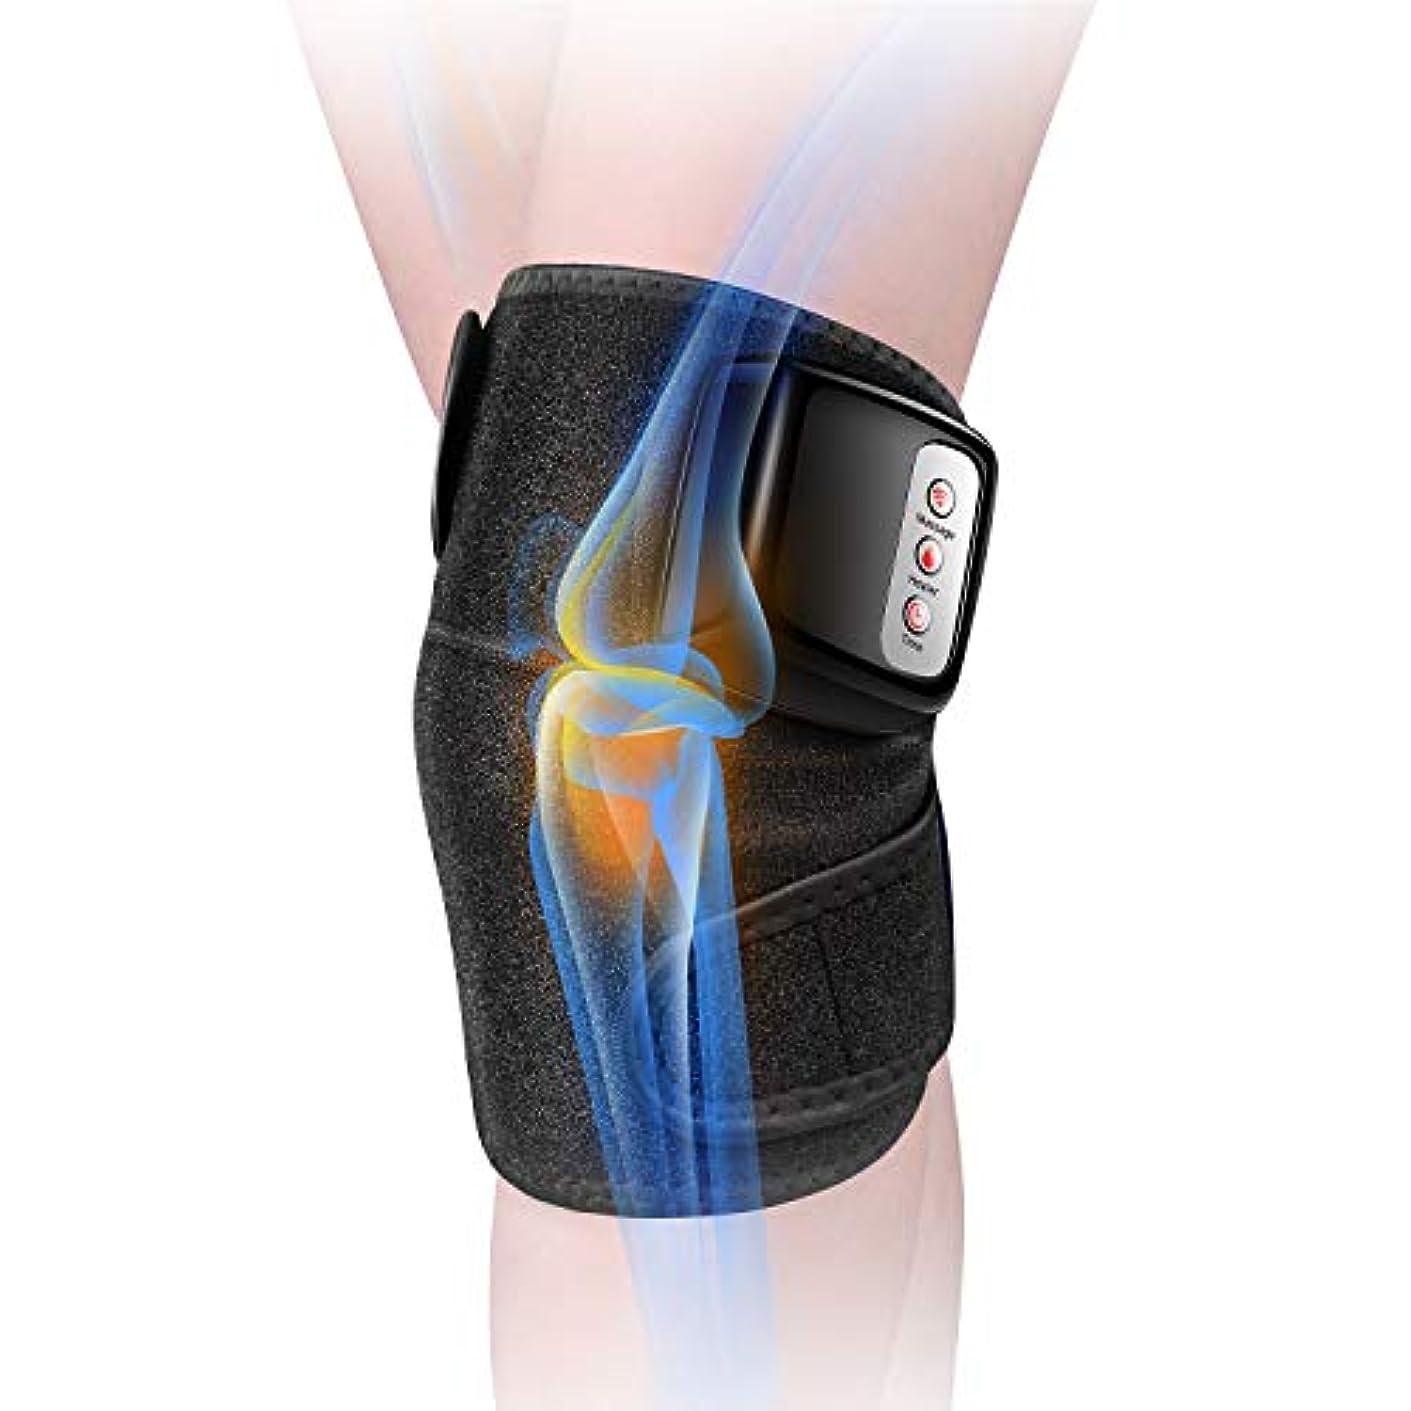 興奮する後退する選択マッサージ器 フットマッサージャー 膝マッサージャー ひざ 太もも 腕 肩 肘 ヒーター付き 振動 マッサージ機 レッグマッサージャー 通気性 赤外線療法 膝サポーター ストレス解消 温熱マッサージ